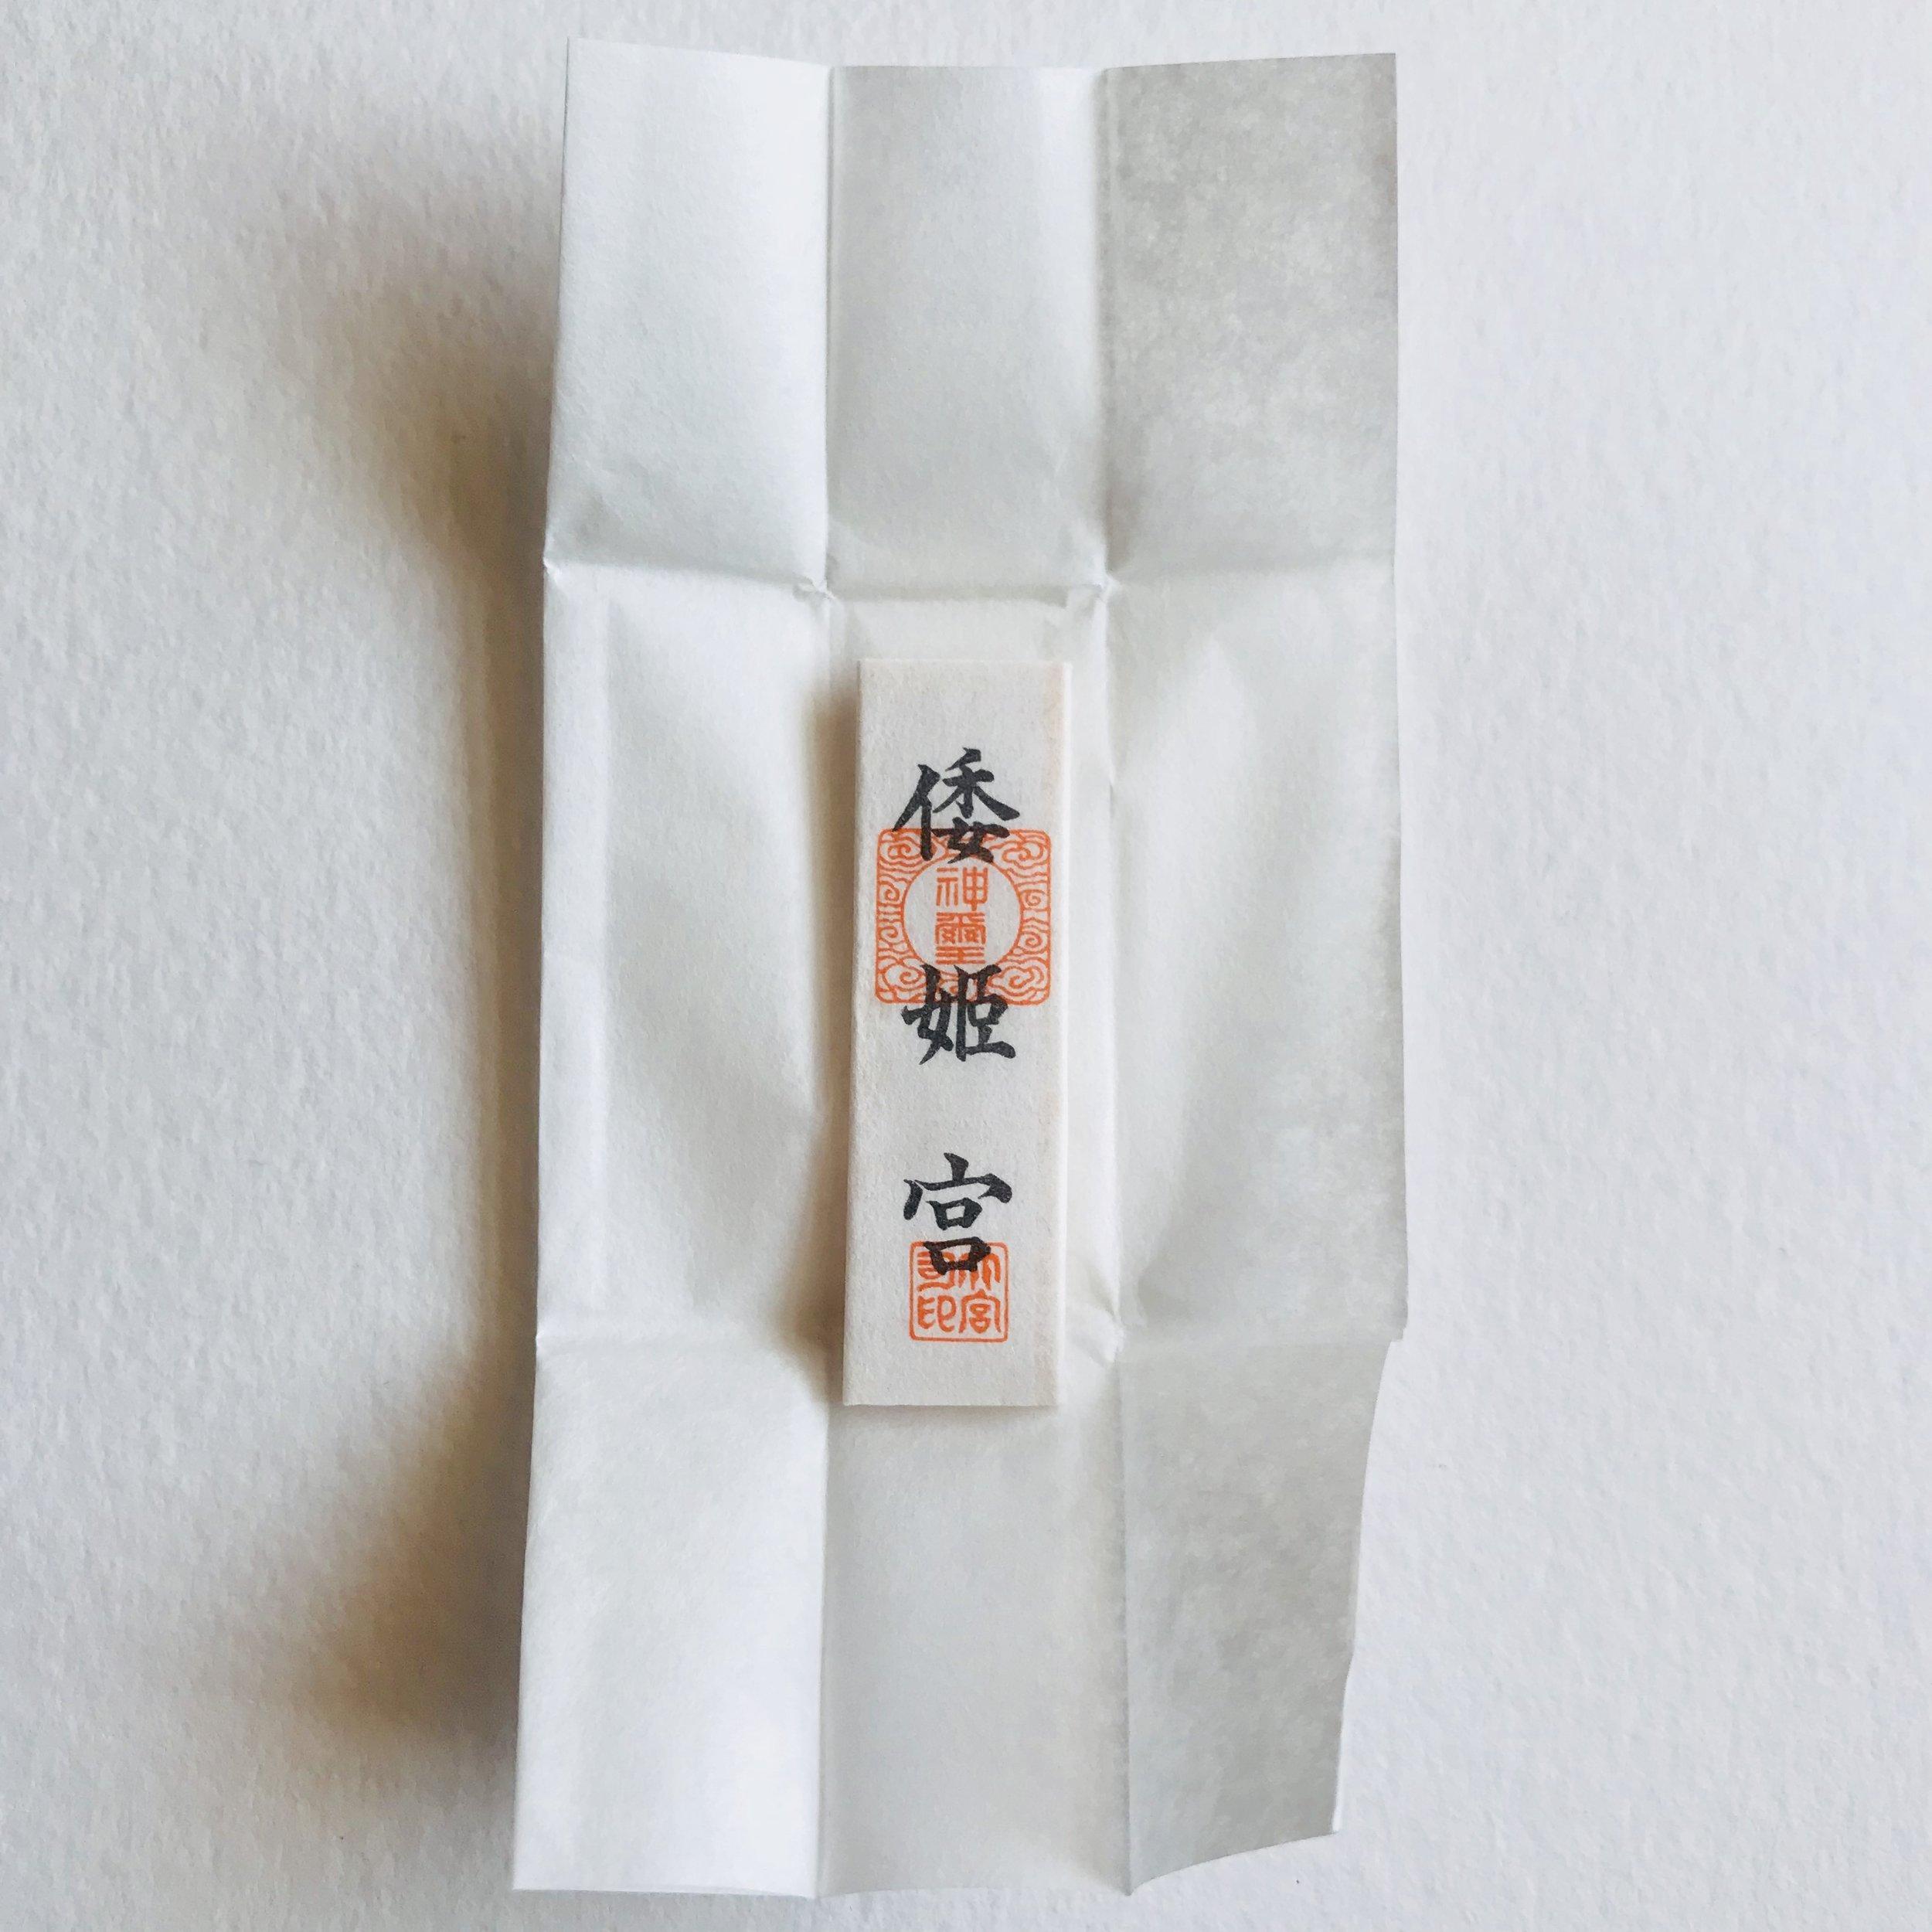 Yamatohimegû 倭姫宮